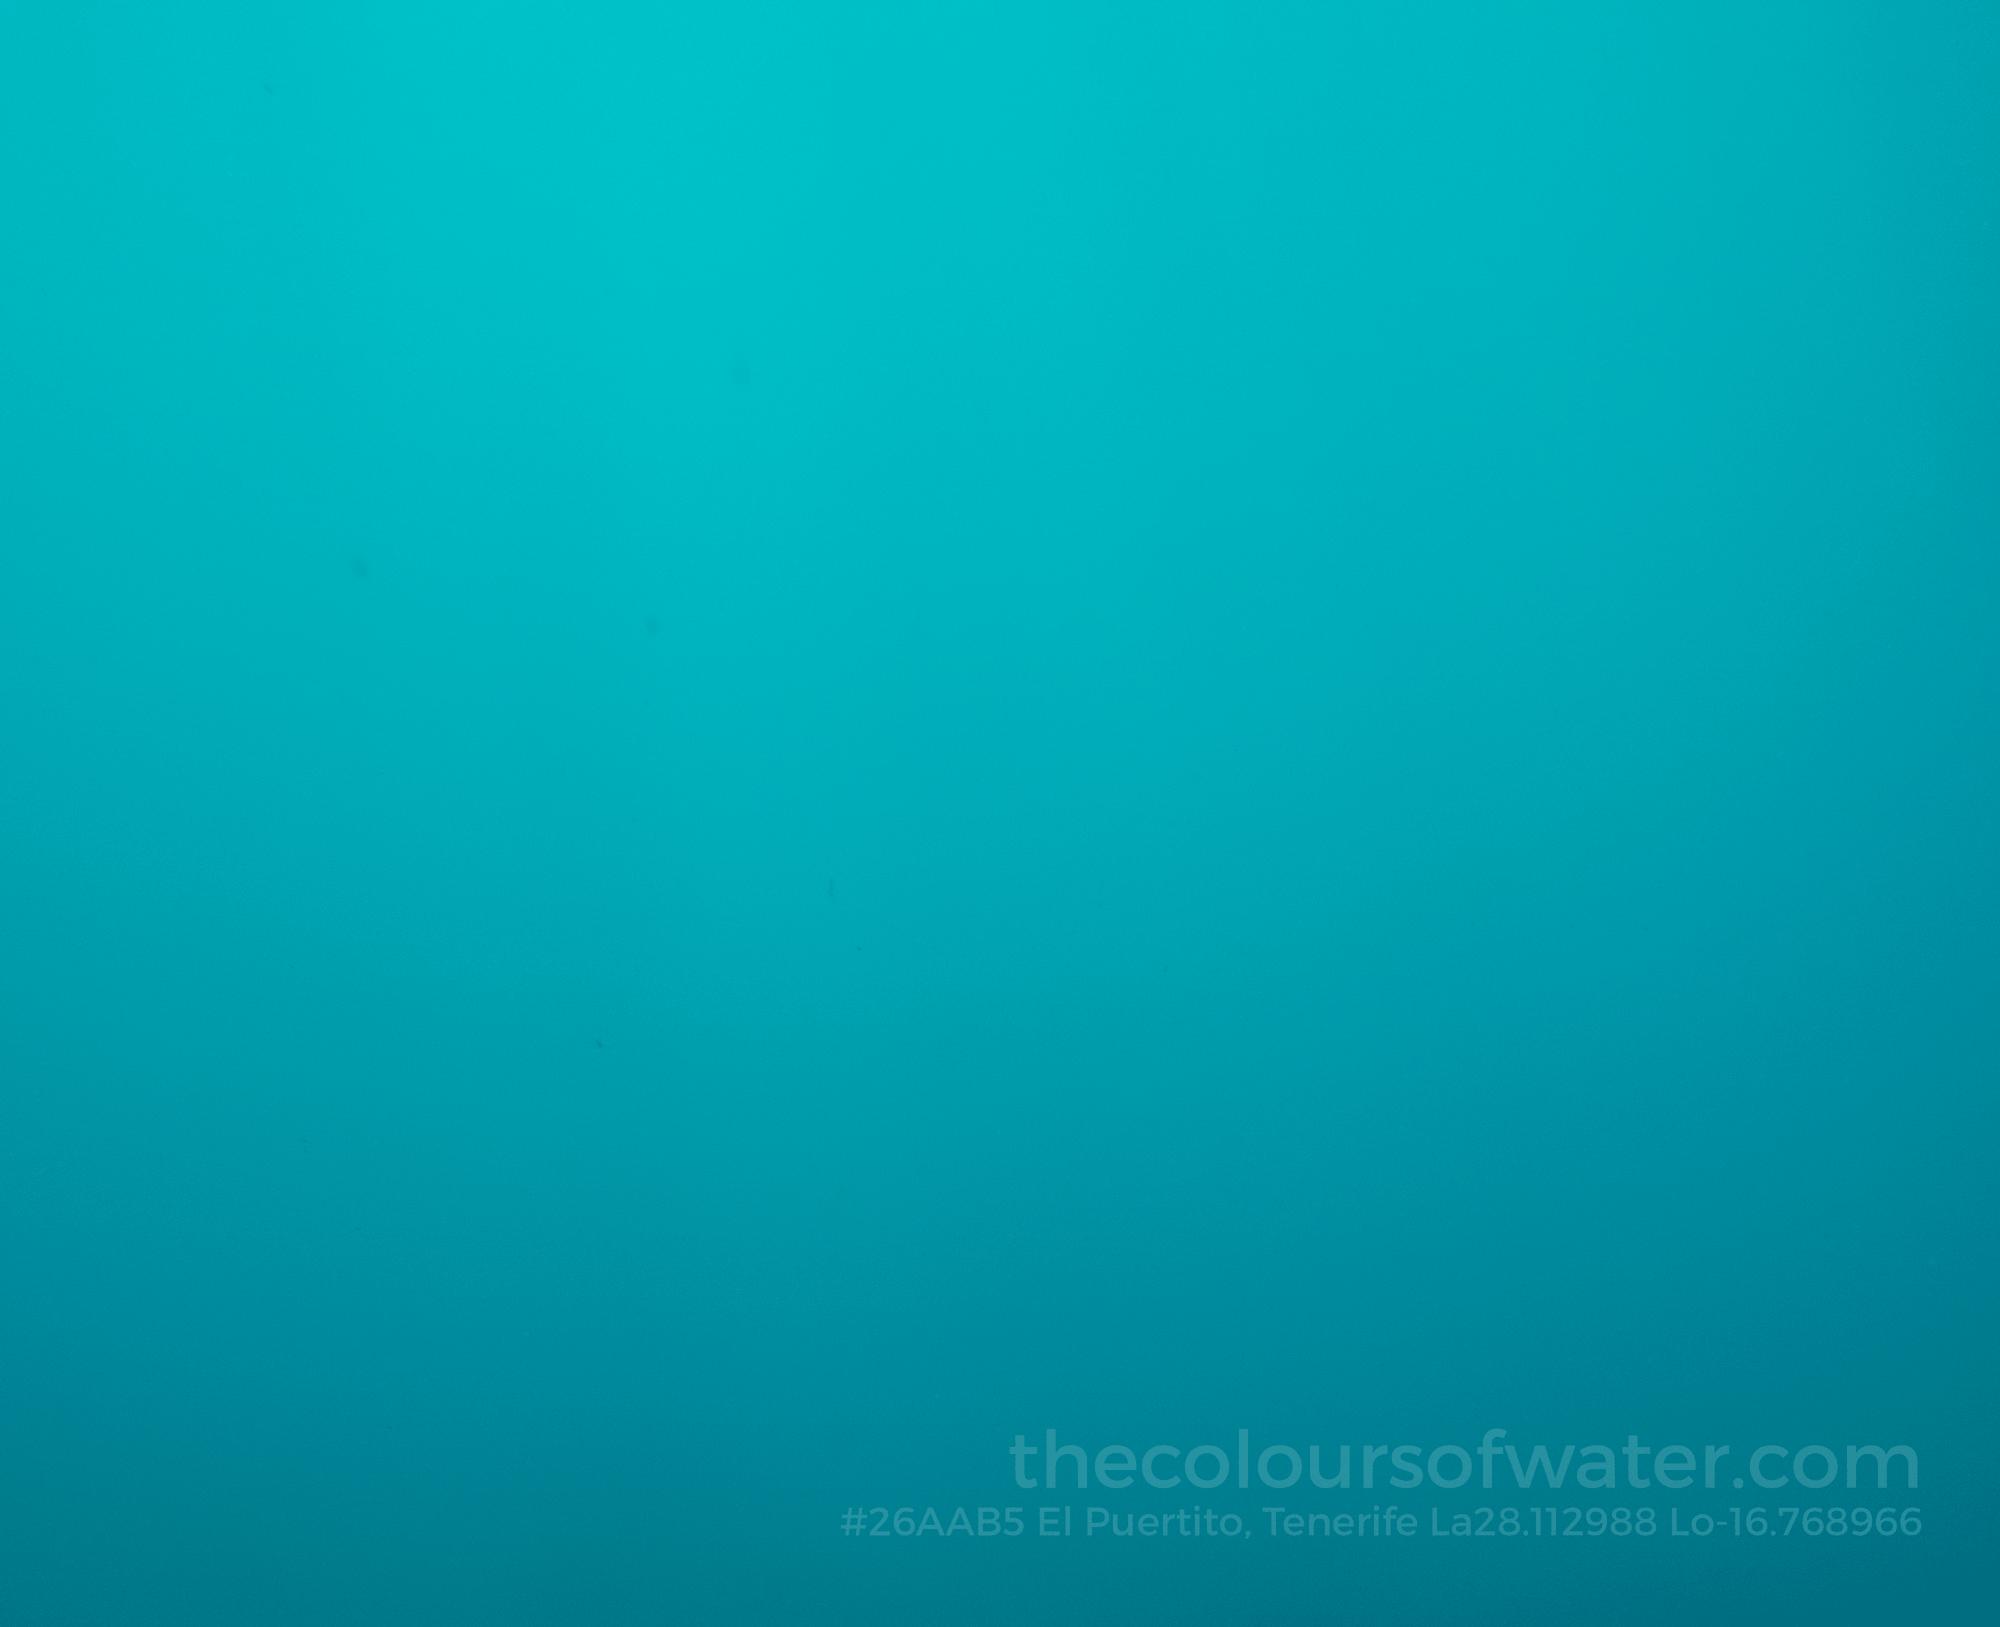 El Puertito Bay, Playa de las Americas, Northern Atlantic, Tenerife #26aab5 Colour of Water